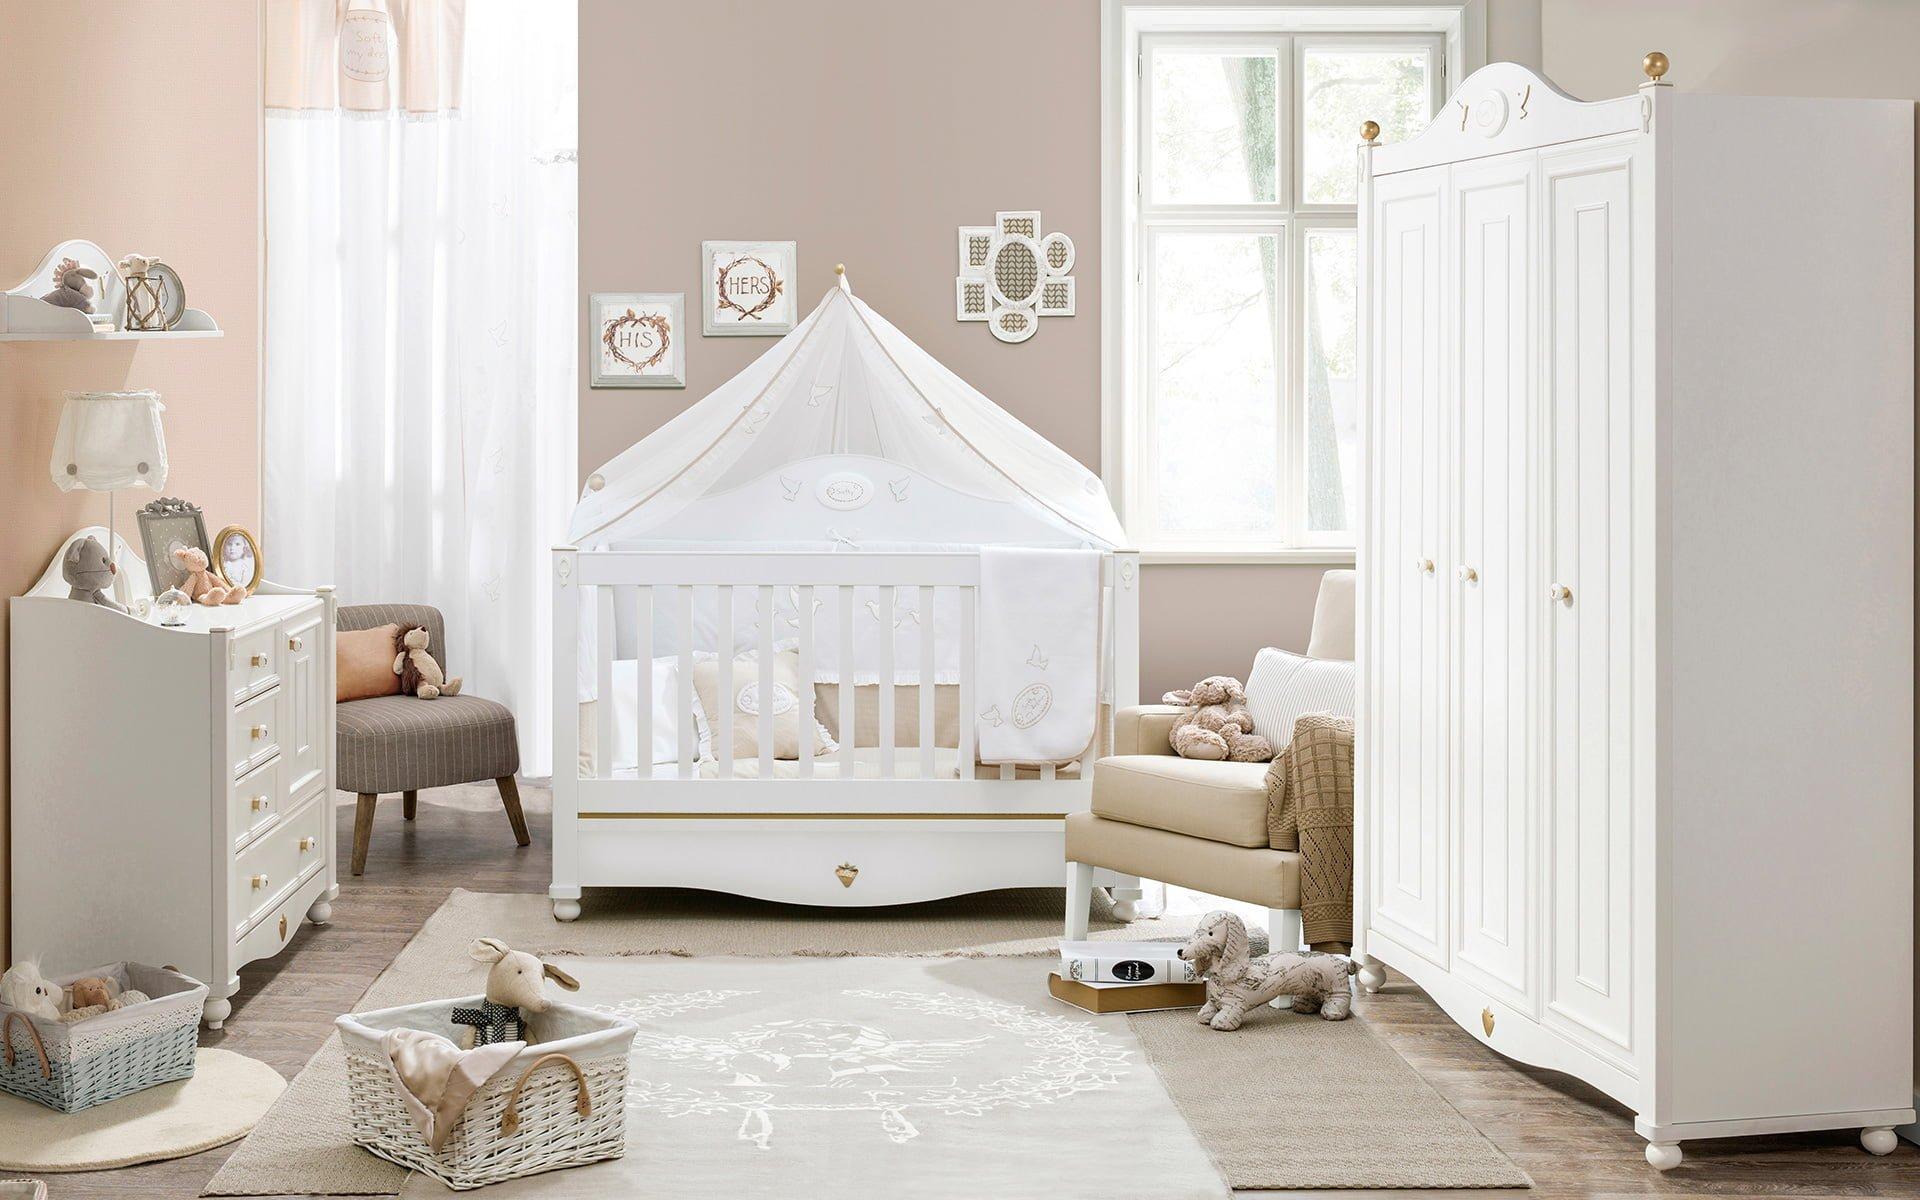 cilek-Softy-cantry-bebek-odasi Çilek mobilya 2015 bebek odası tasarımları